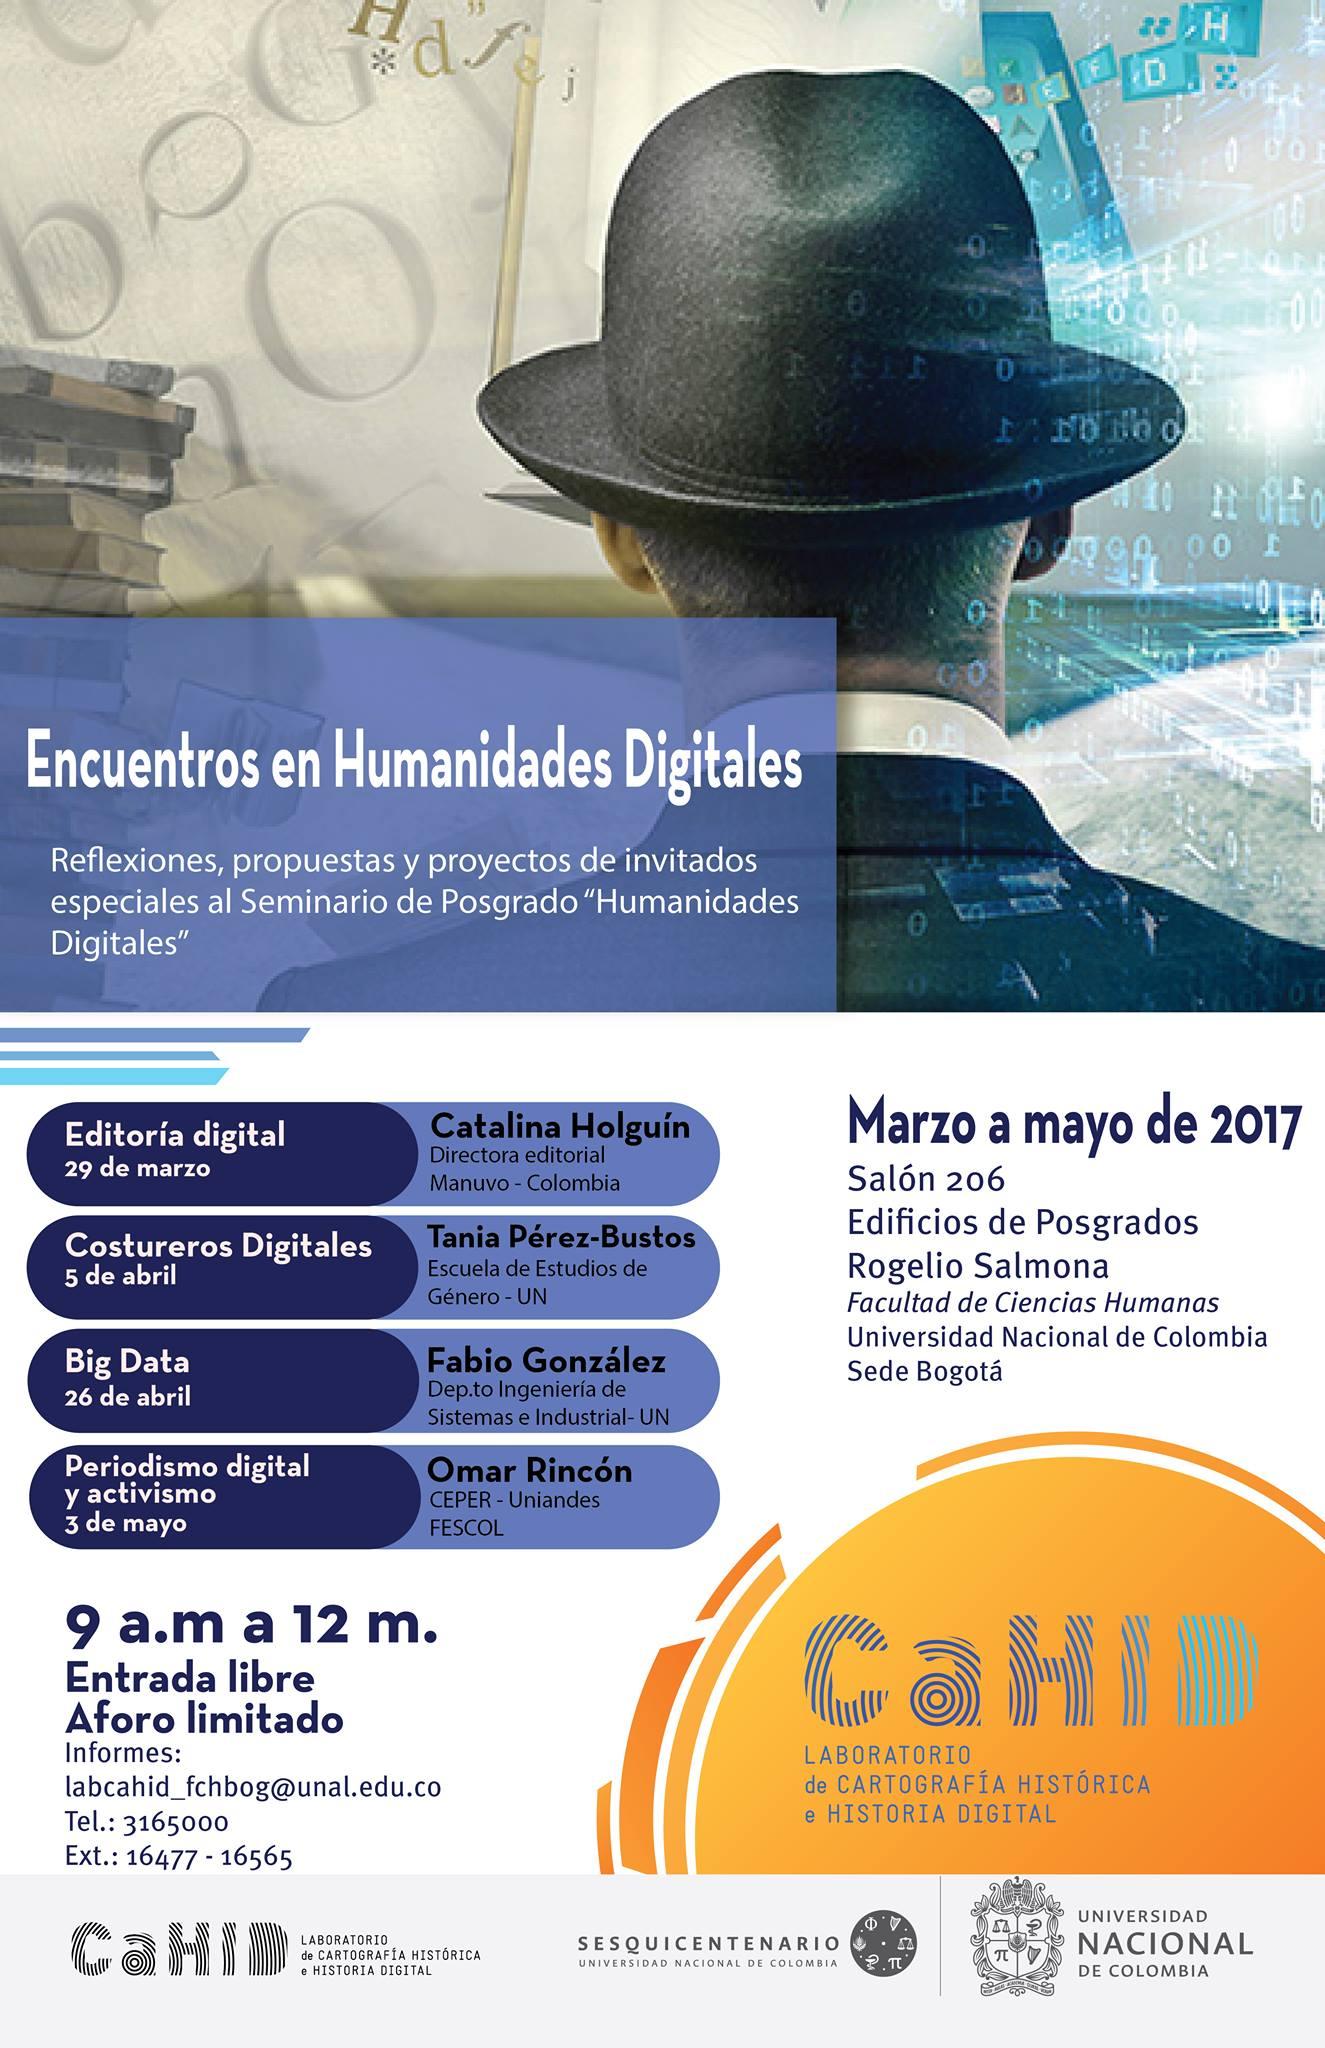 Encuentros en Humanidades Digitales (Laboratorio de Cartografía Histórica e Historia Digital, CaHID)